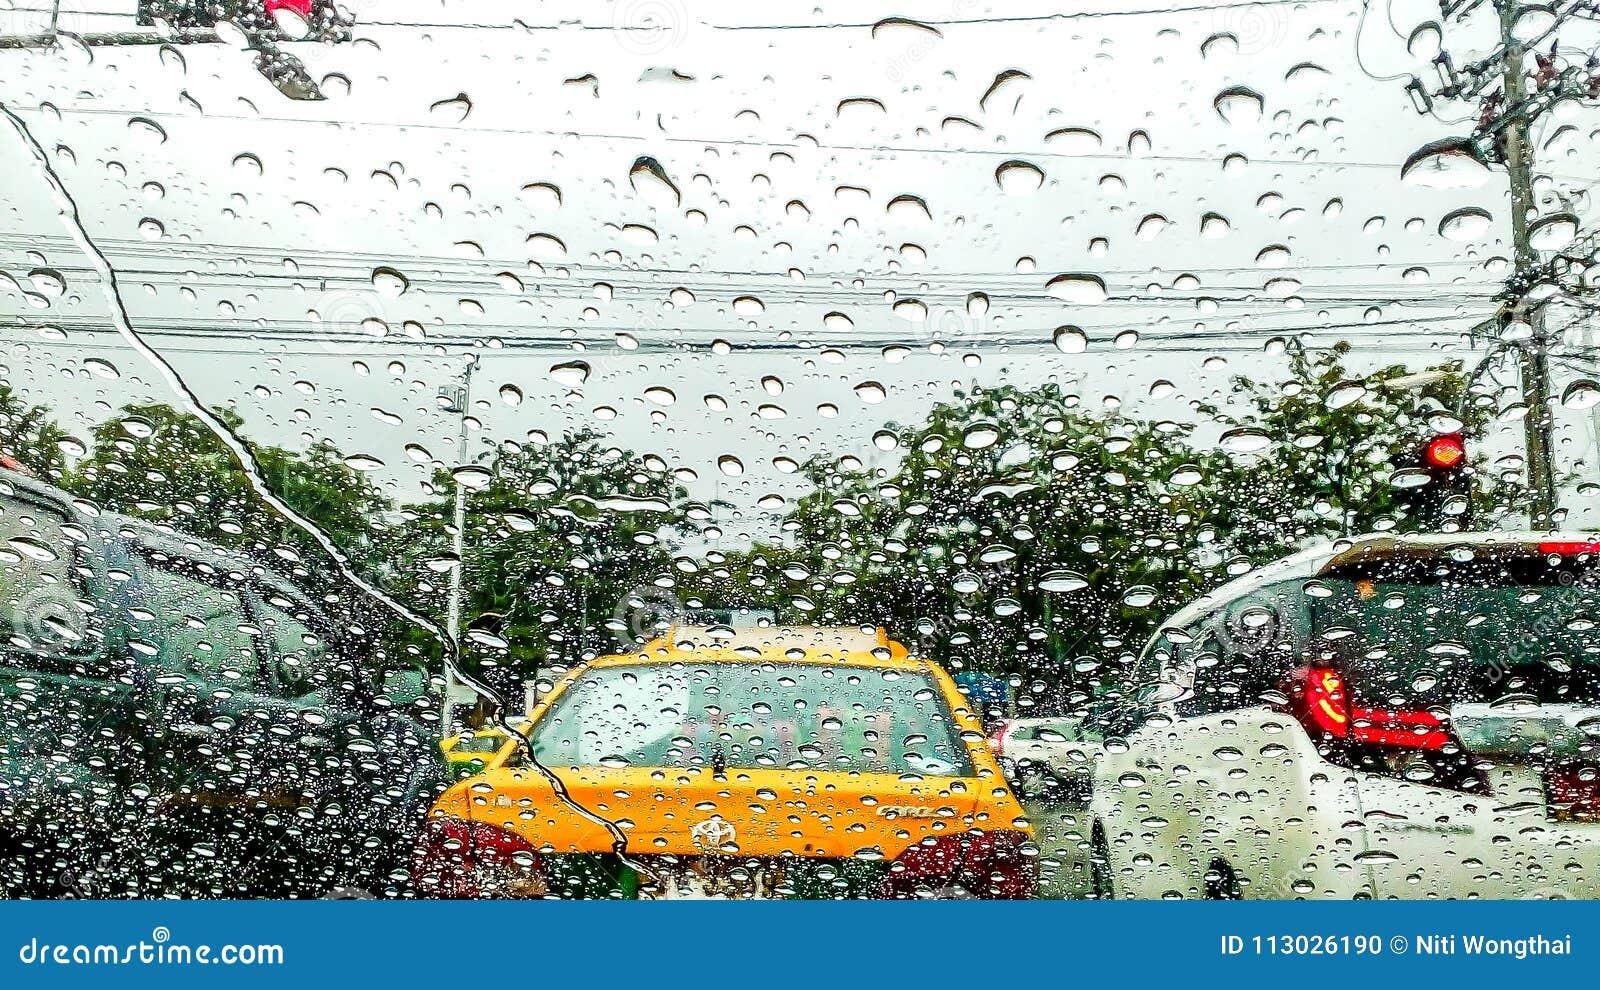 La tormenta del verano trajo las fuertes lluvias por la mañana, causando tráfico